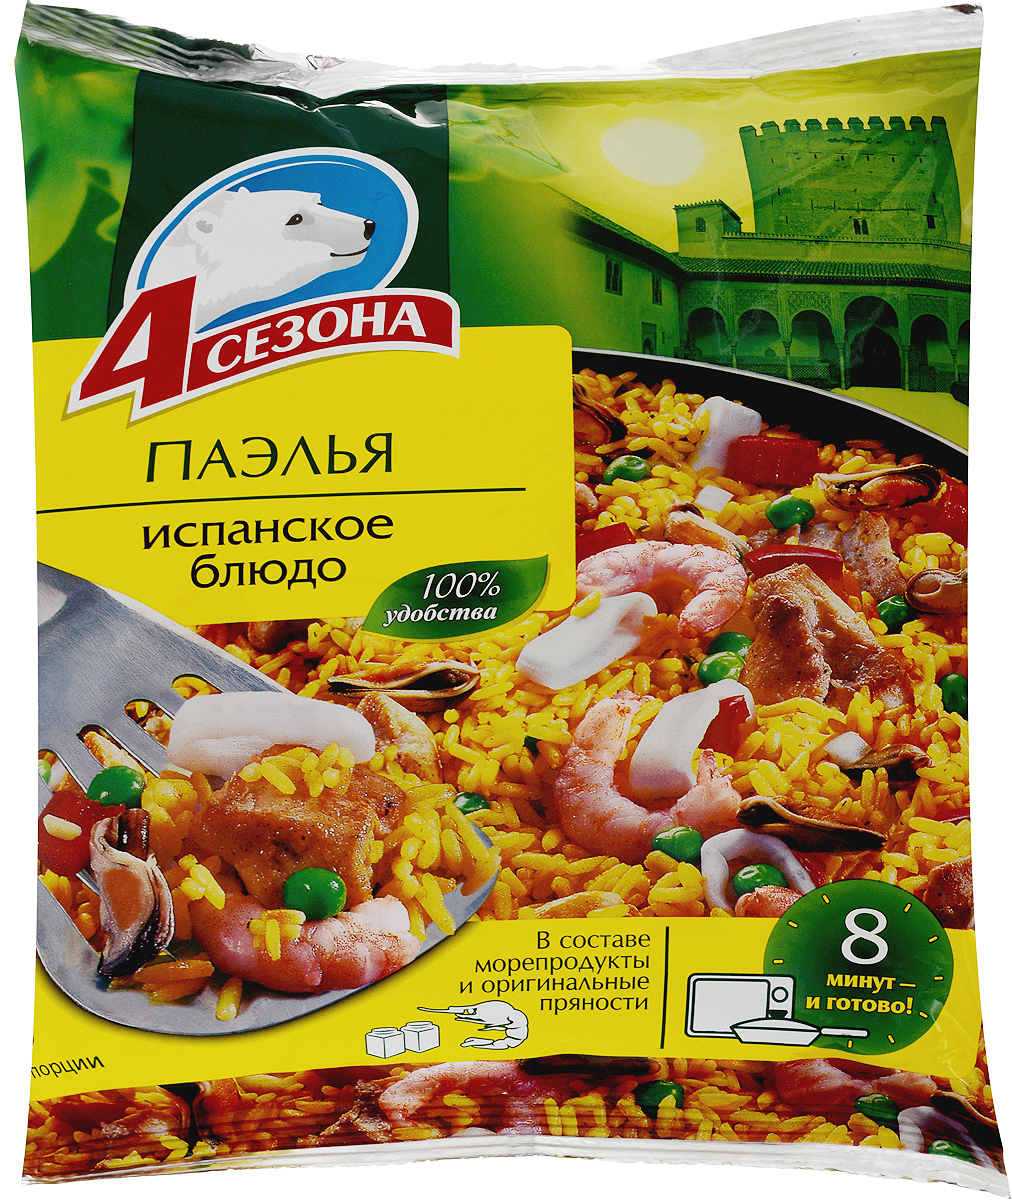 4 Сезона Паэлья, 600 г63000010Продукт сбалансирован и полностью готов к употреблению. Является традиционным испанским блюдом, основу которого составляет рис и оливковое масло. Всевозможные вариации с добавлением овощей, мяса, курицы или морепродуктов, позволяют готовить паэлью